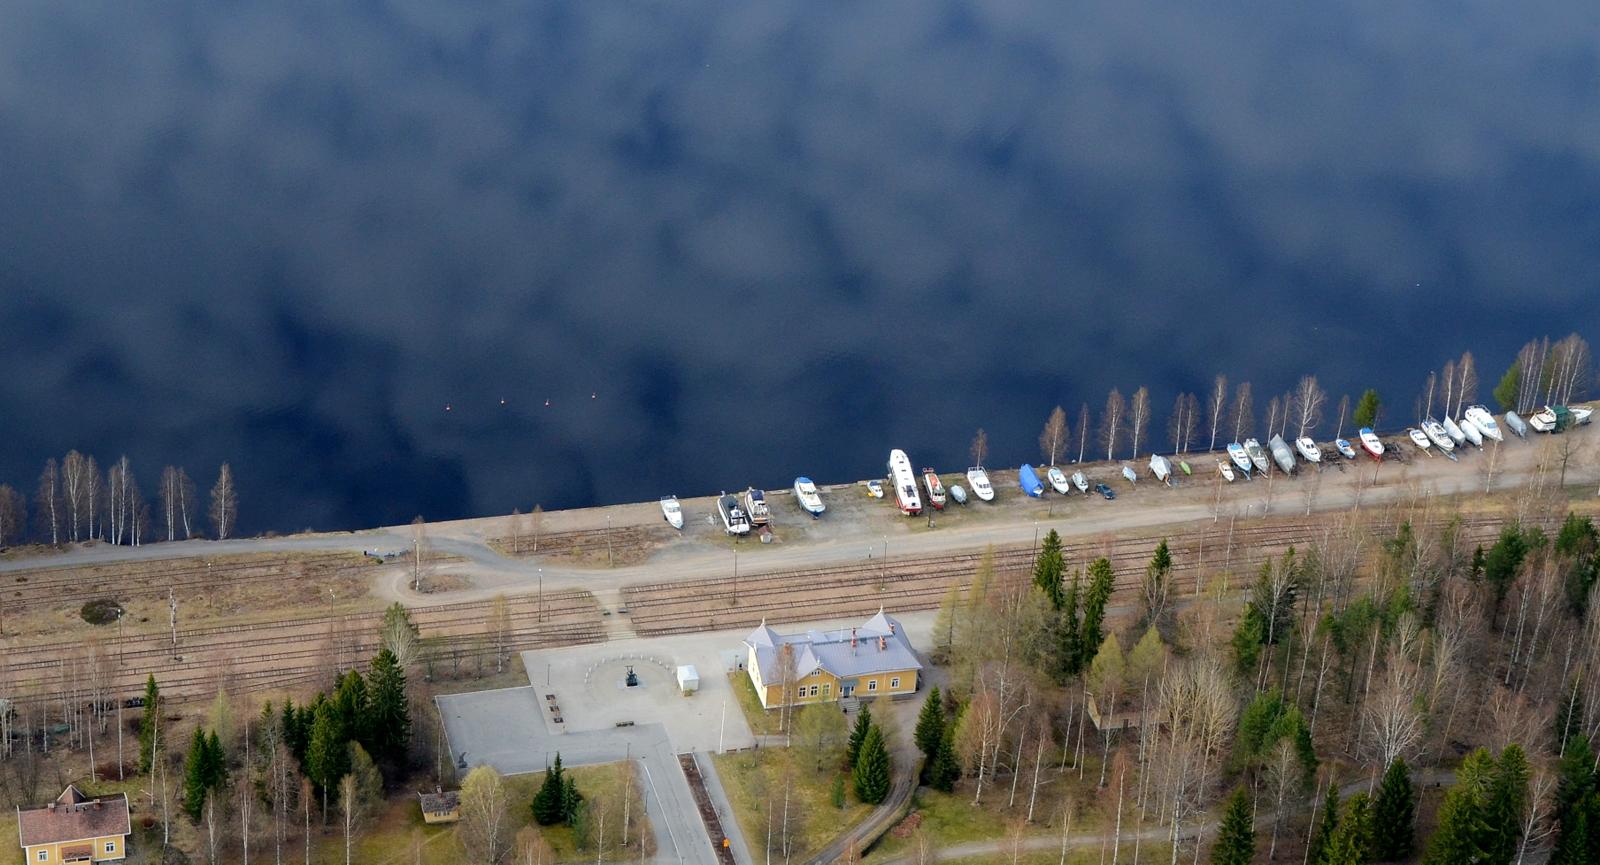 Suolahden sataman seutu johon suunnitellaan uutta rakennusta